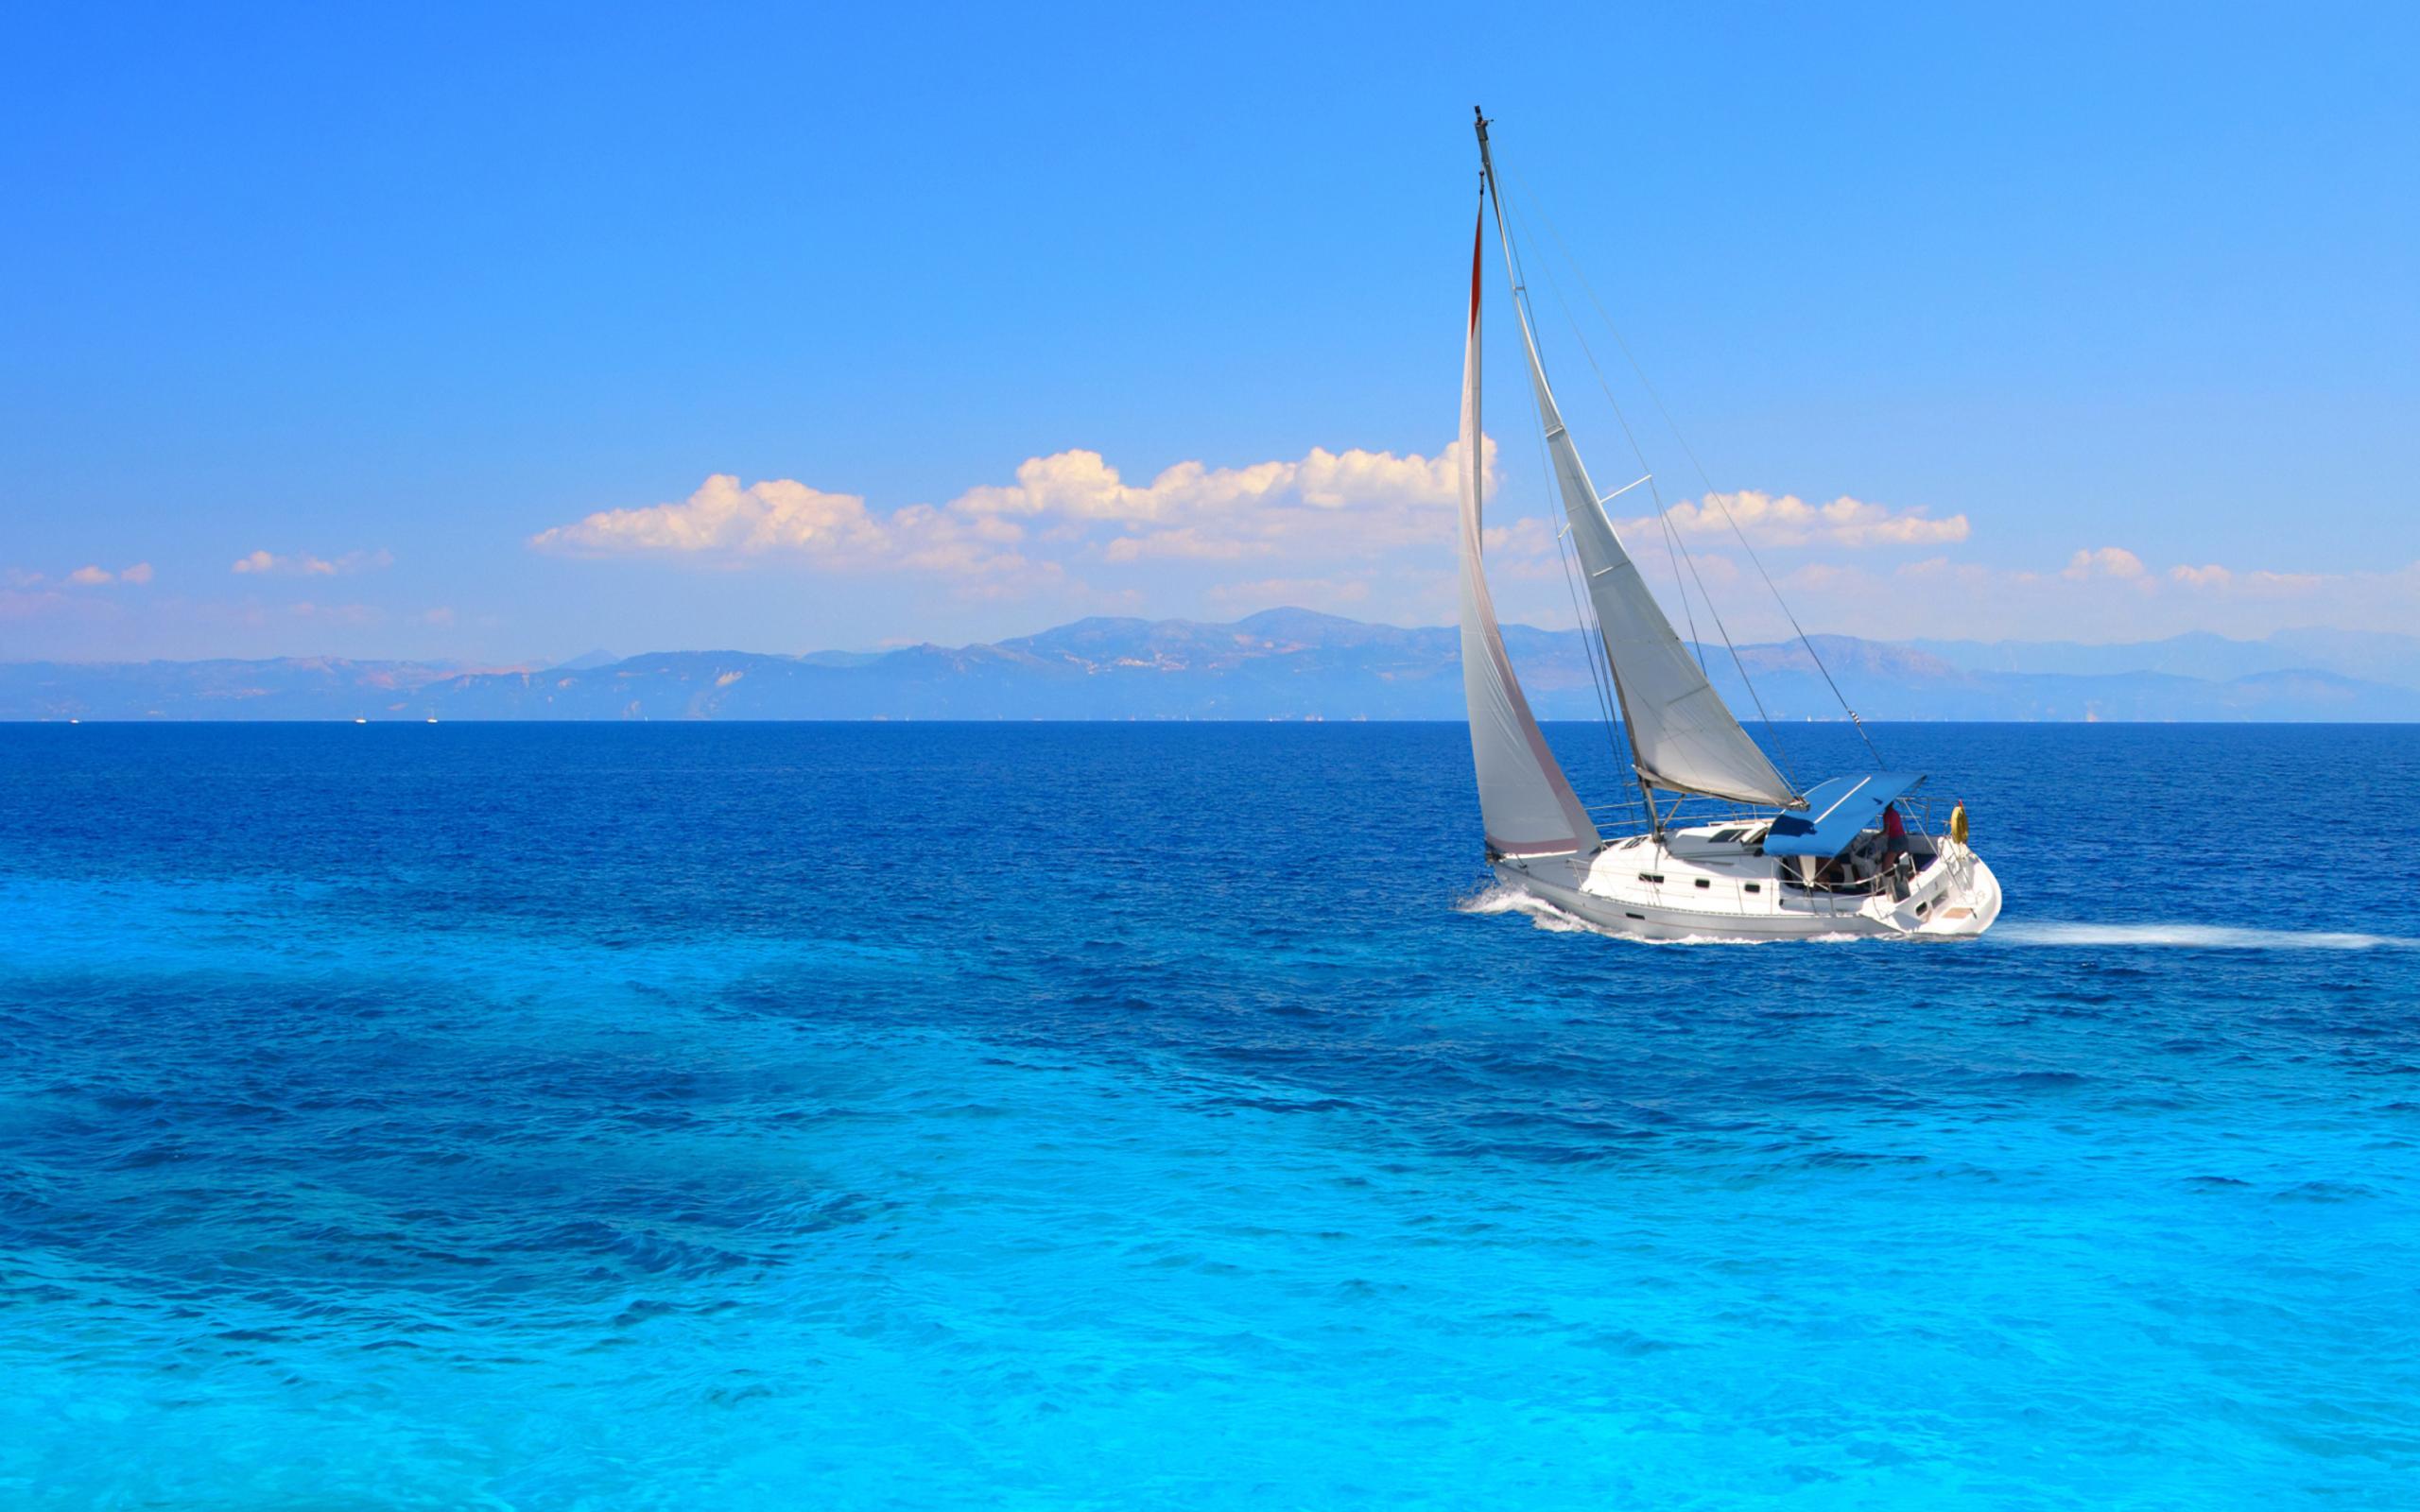 яхта горы бесплатно